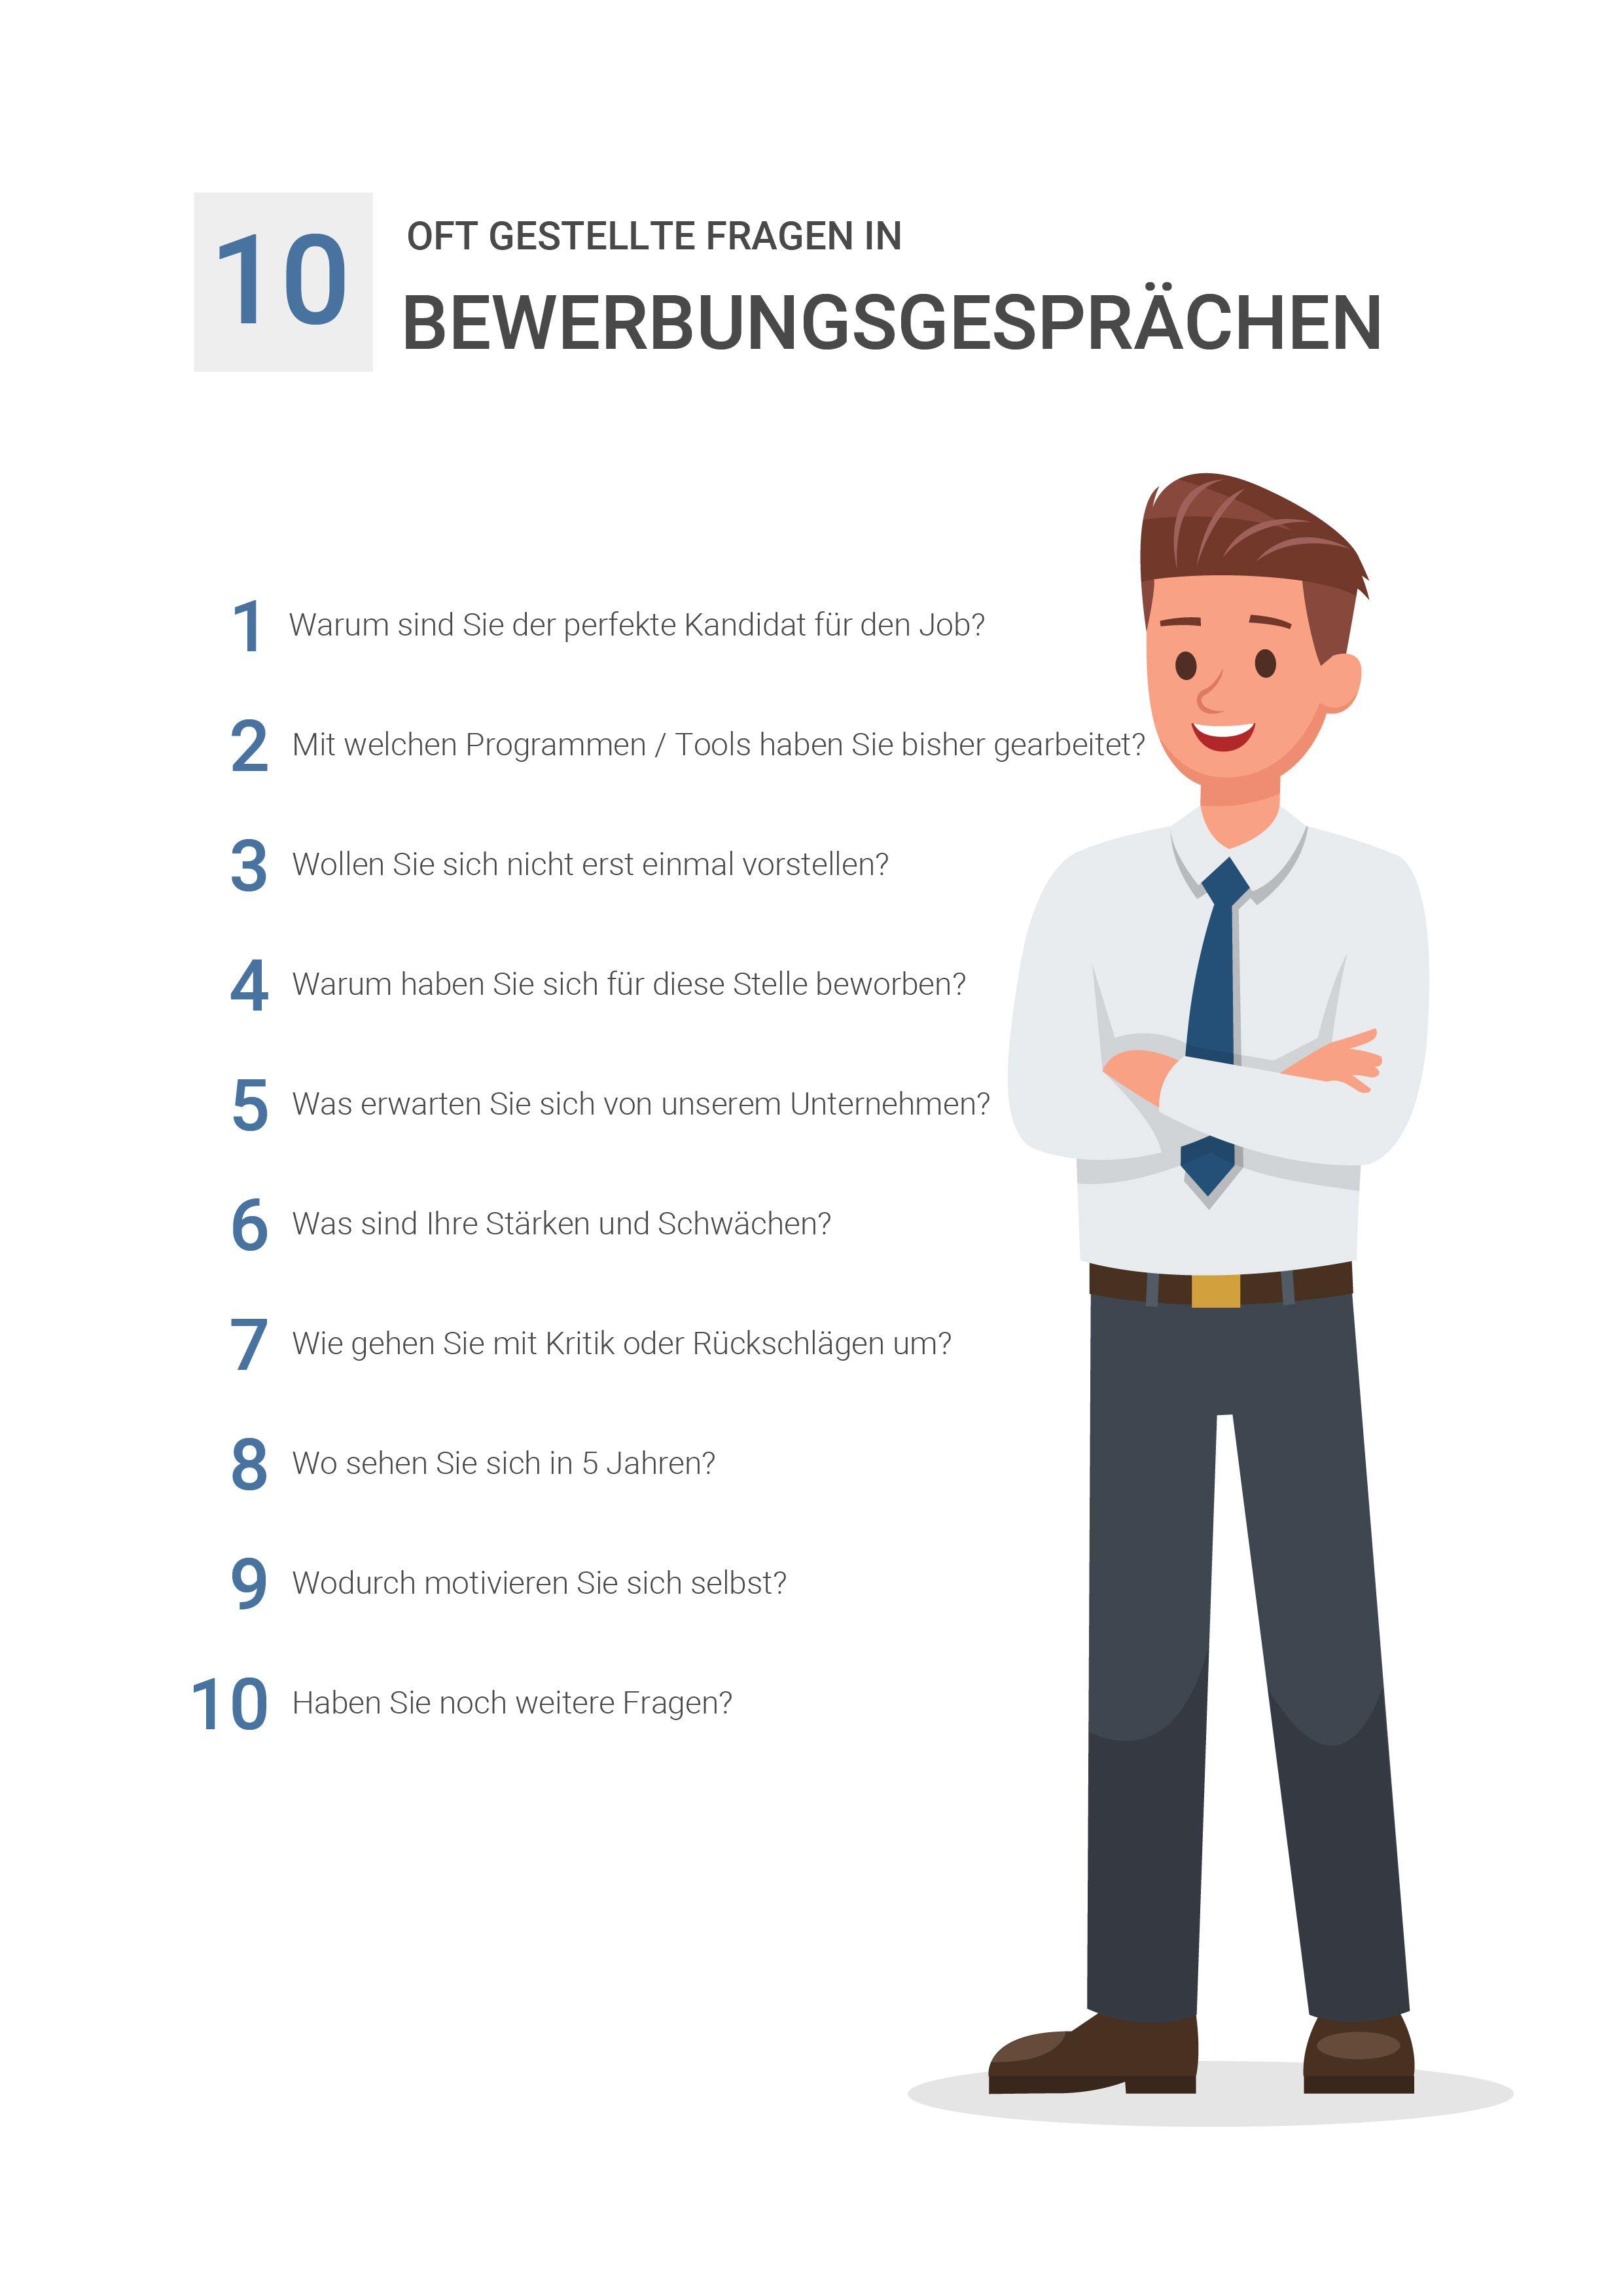 Die Besten Tipps Fur Dein Bewerbungsgesprach Bewerbungsgesprach Lernen Tipps Schule Vorstellungsgesprach Tipps